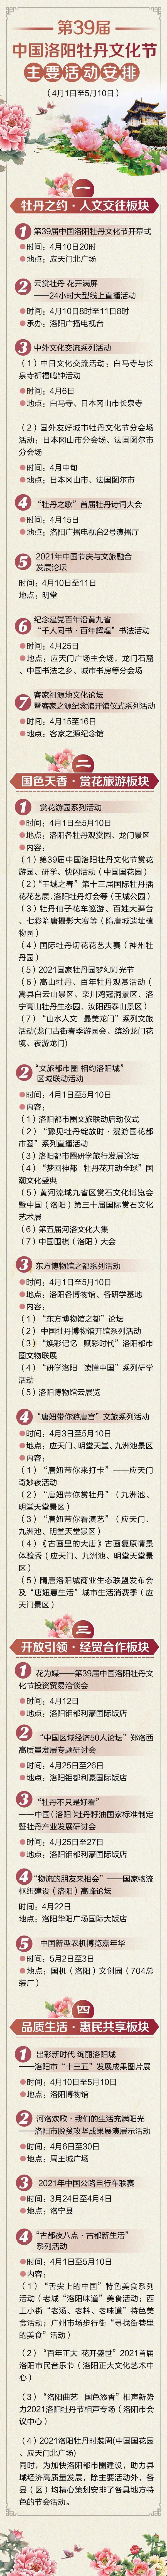 日程表来了!第39届中国洛阳牡丹文化节主要活动安排出炉,可期待的节目太多